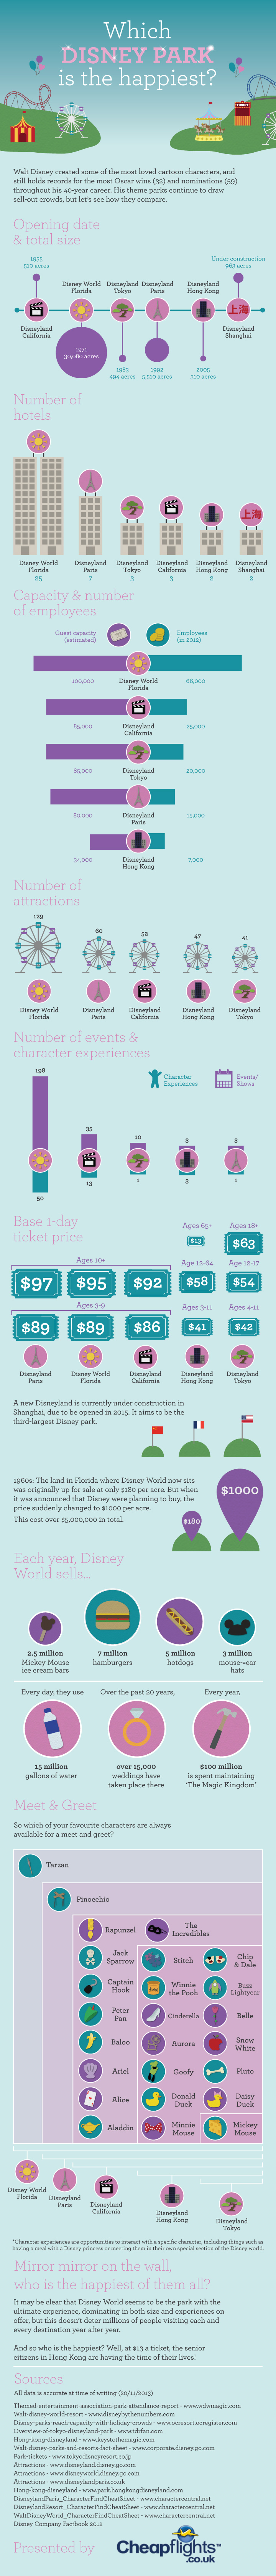 DIsney infographic